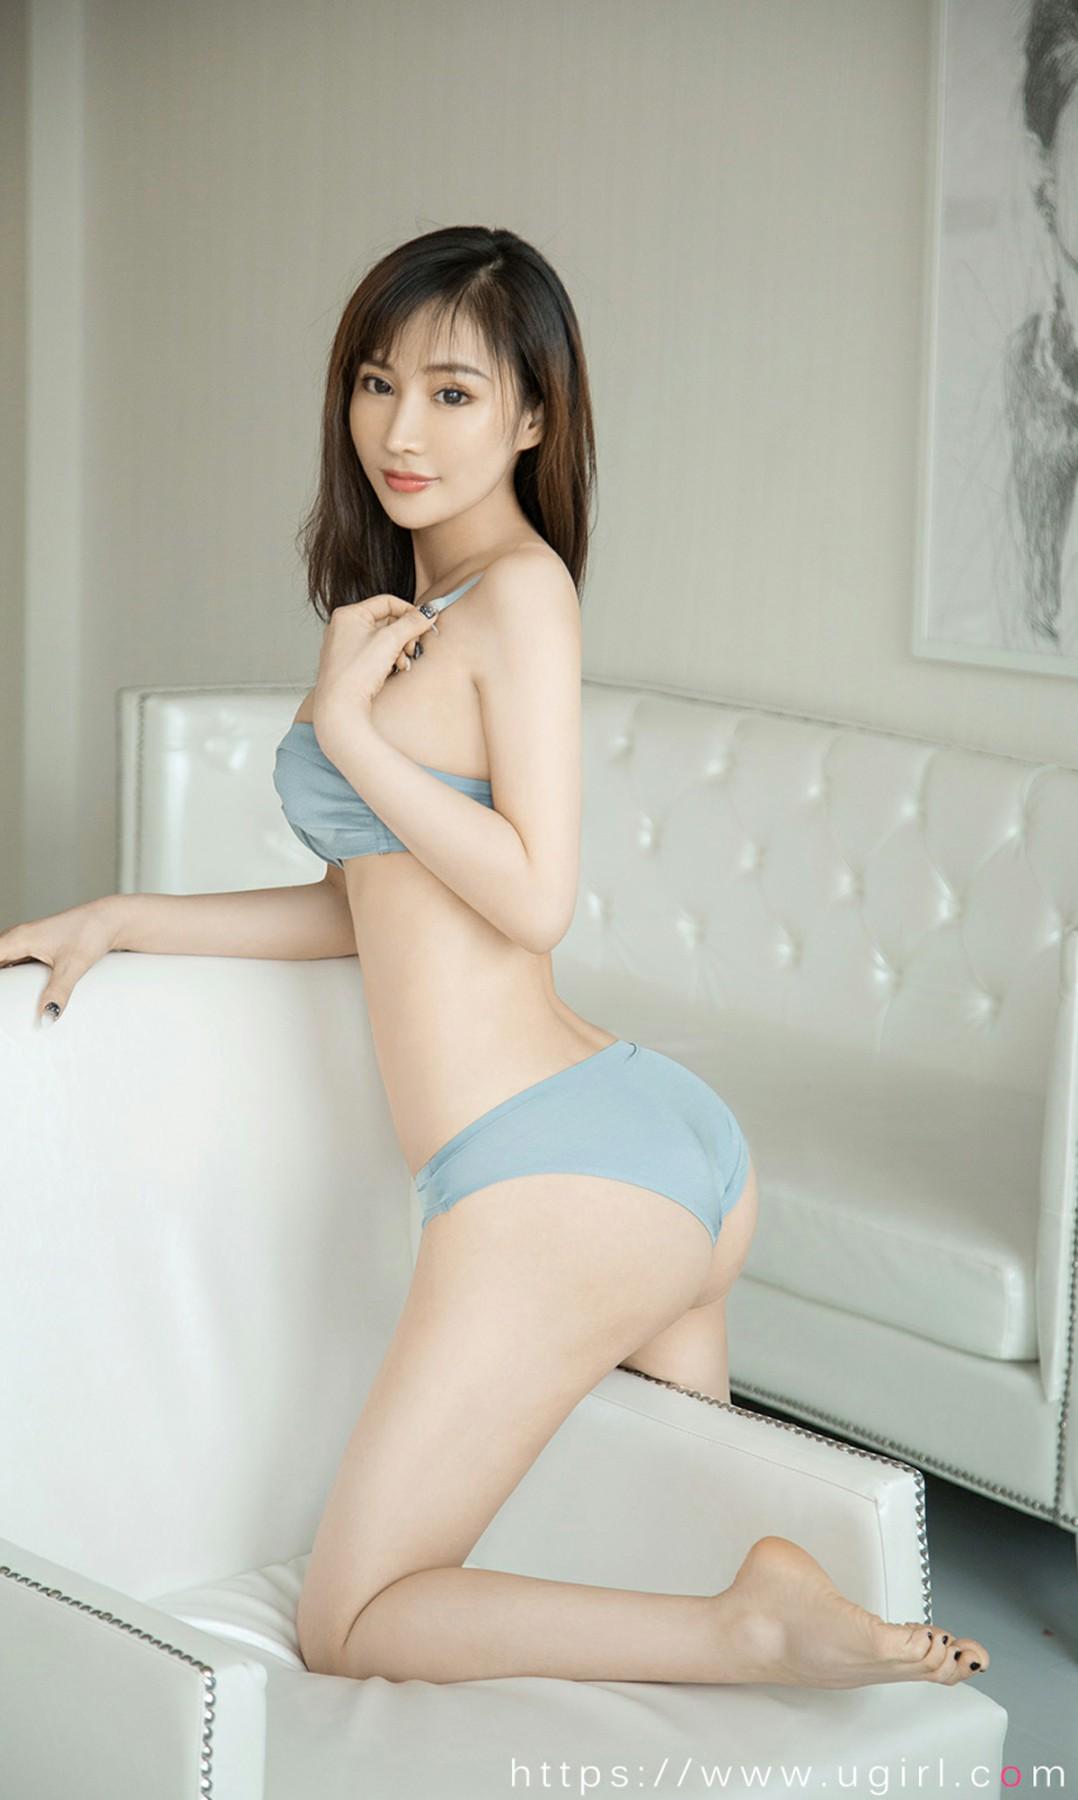 [Ugirls尤果网]爱尤物专辑 2020.09.13 No.1909 叶子 事叶有成 第2张